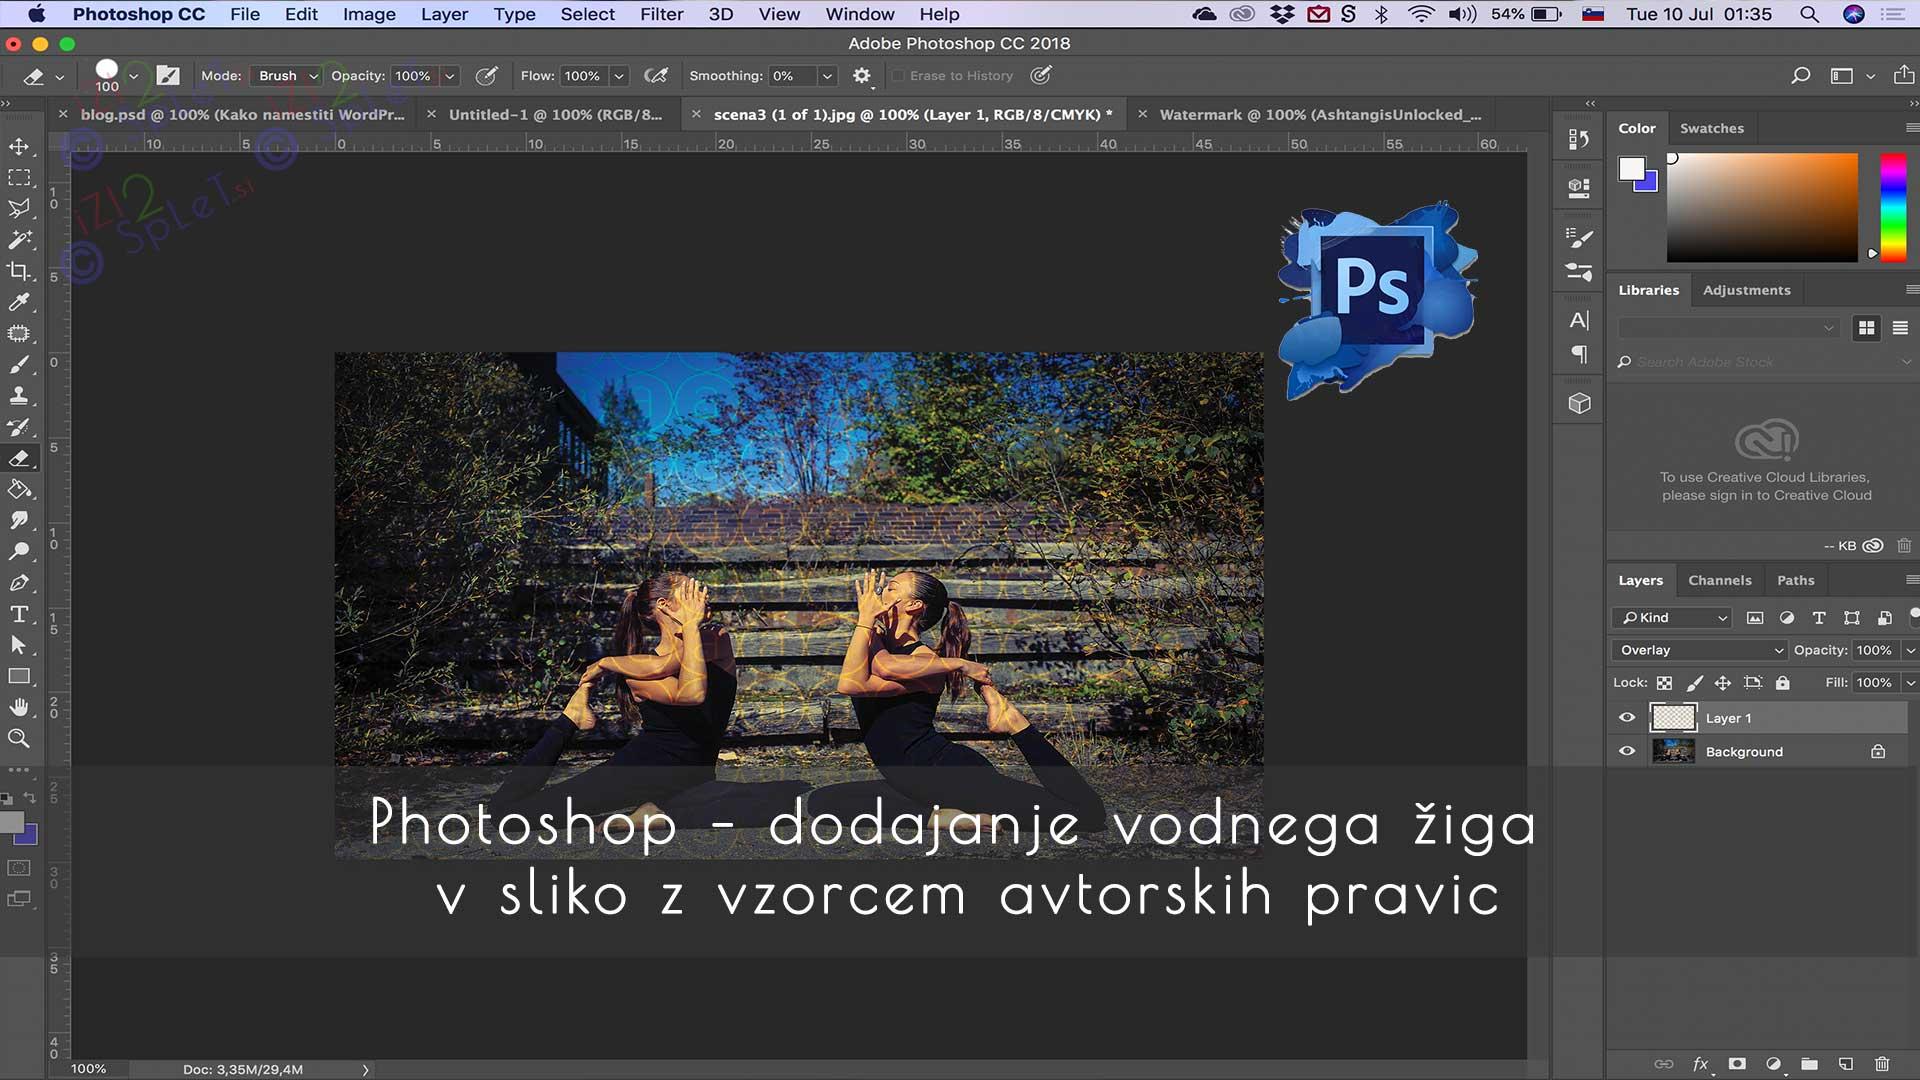 Photoshop Pattern - dodajanje vodnega žiga v sliko